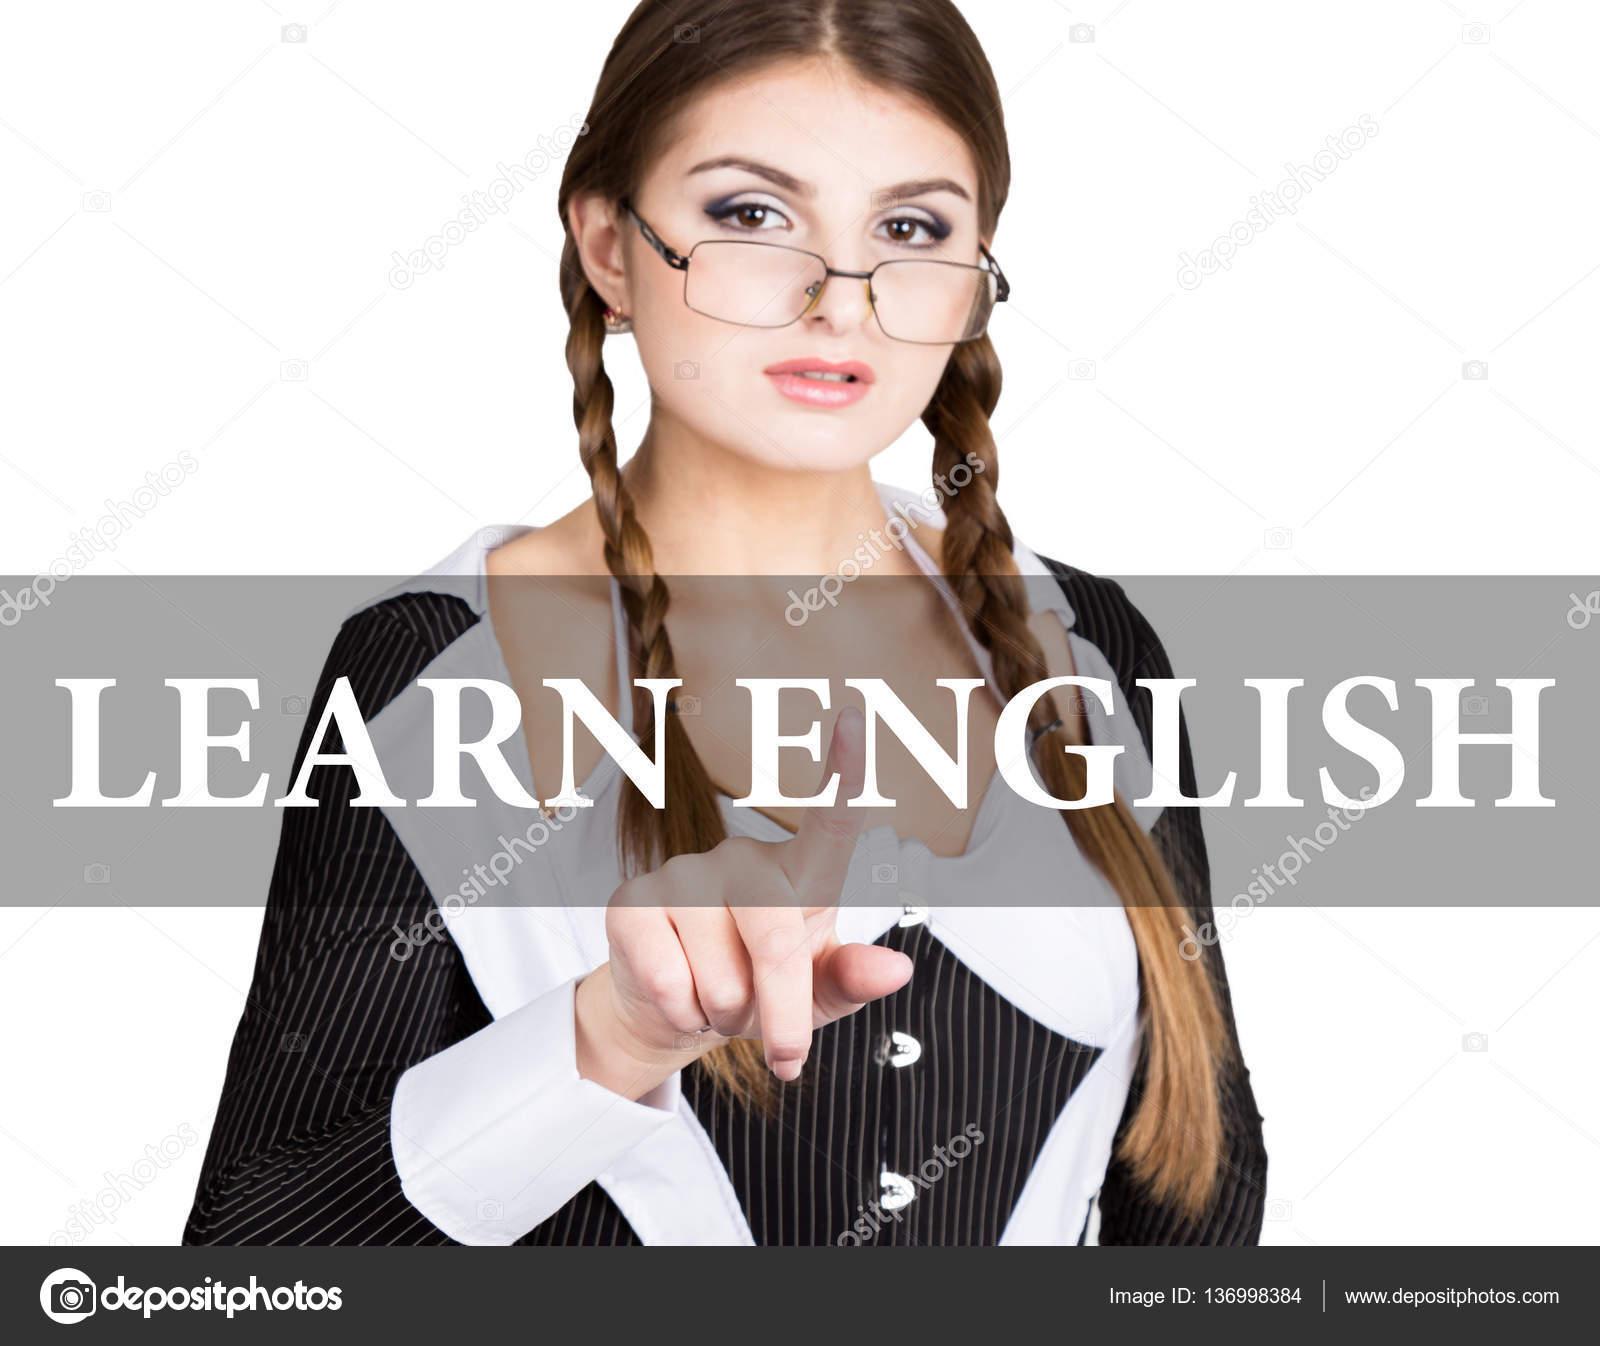 Englisch sexy Foto